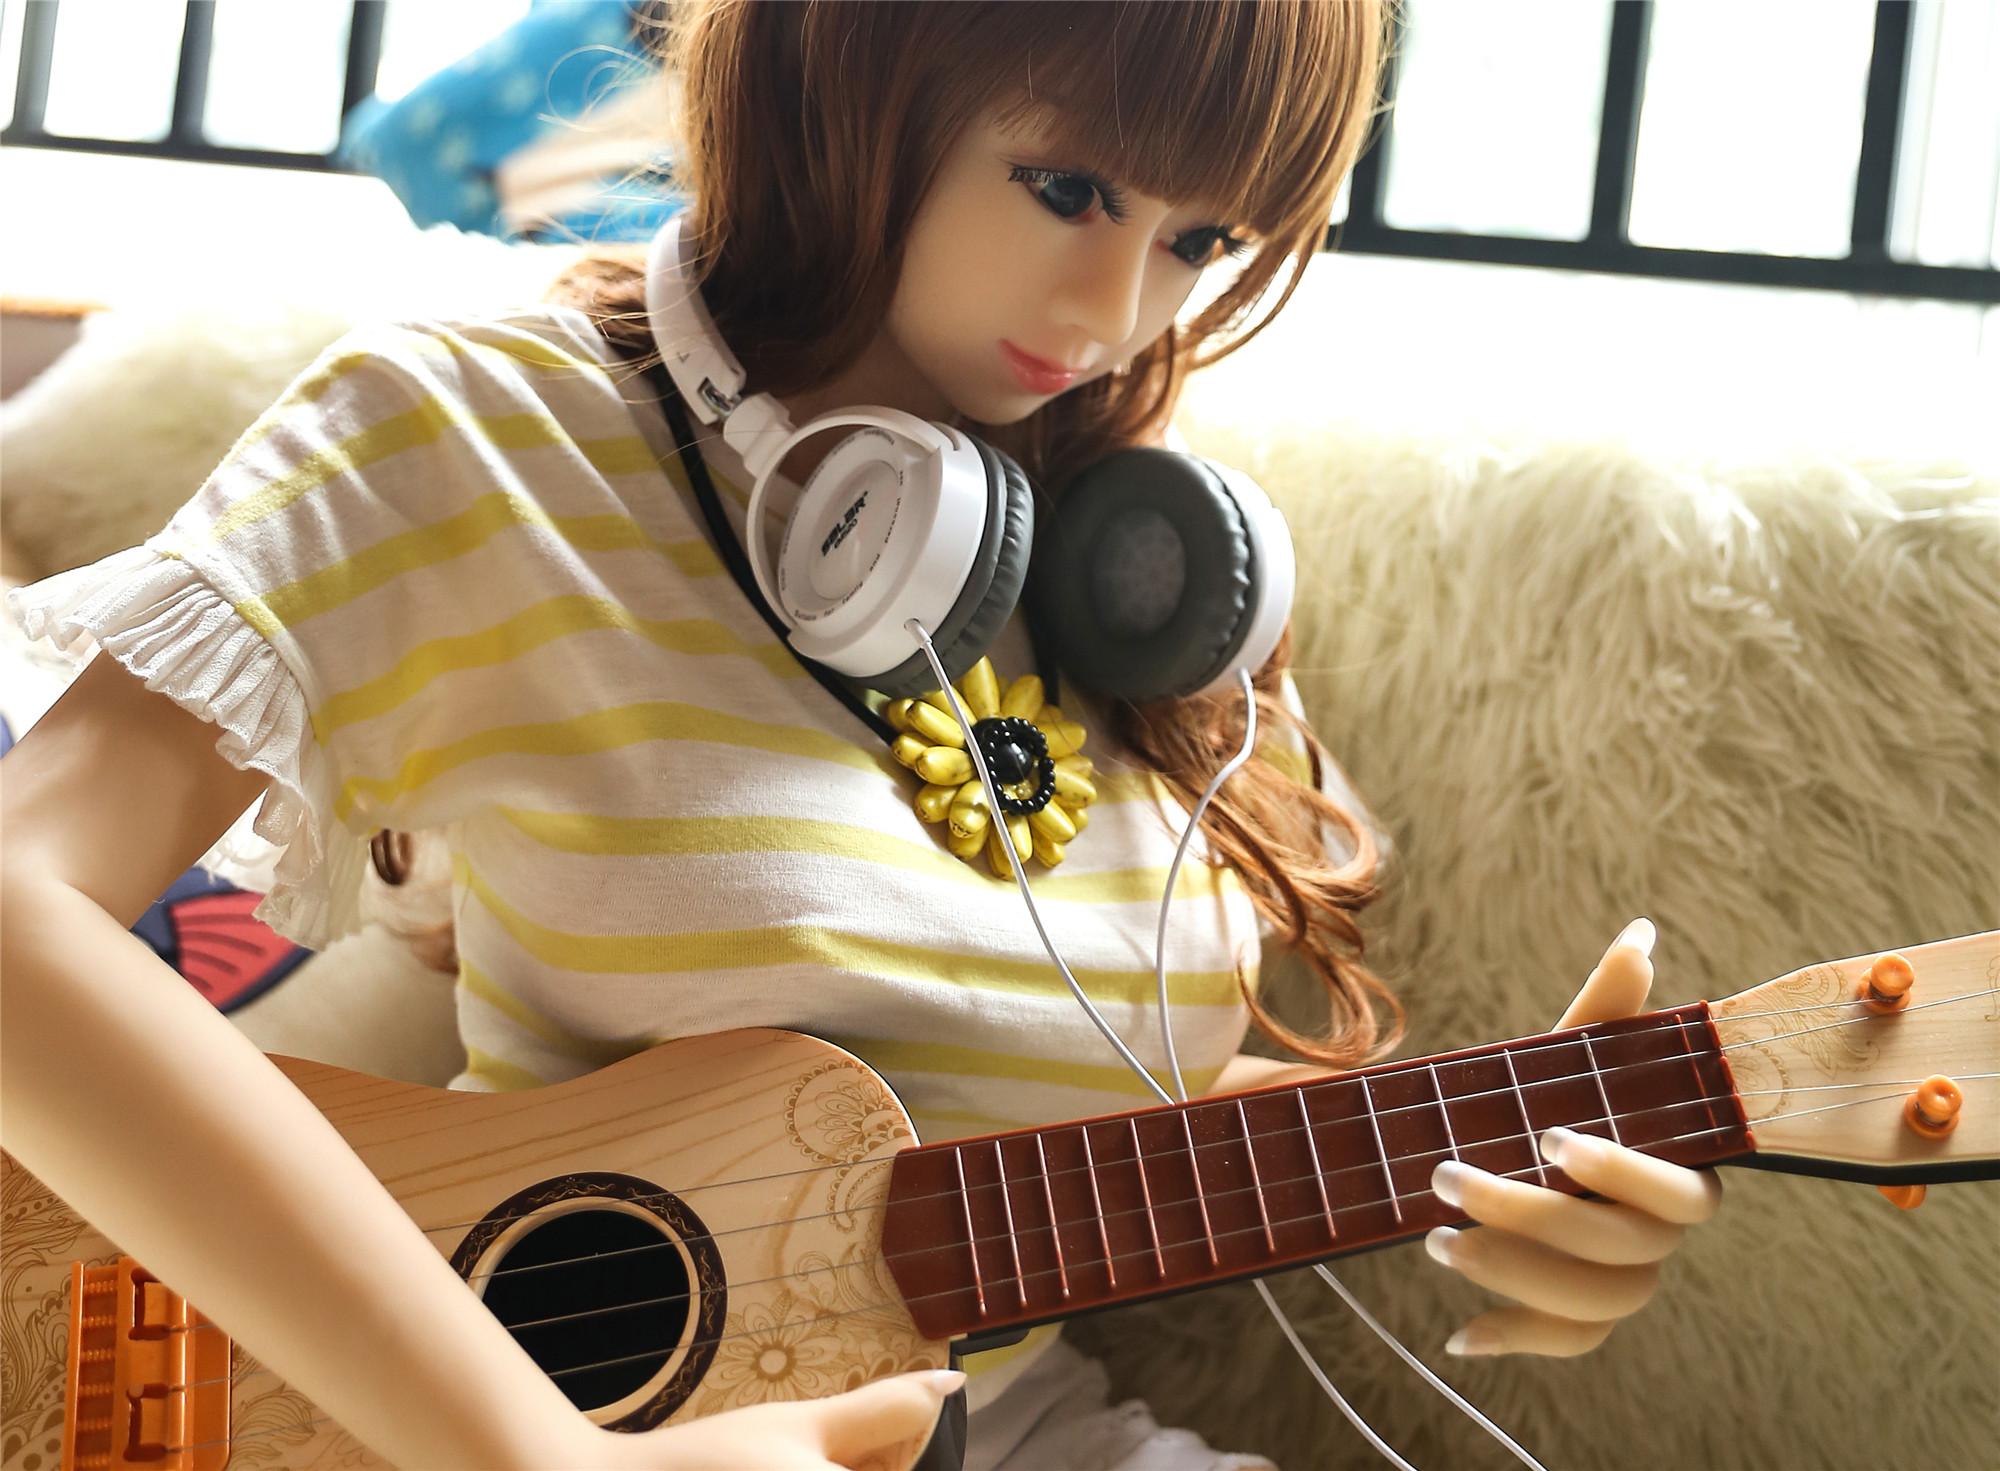 娃娃专区-品姿-品姿 性感甜美智能调温实体娃娃